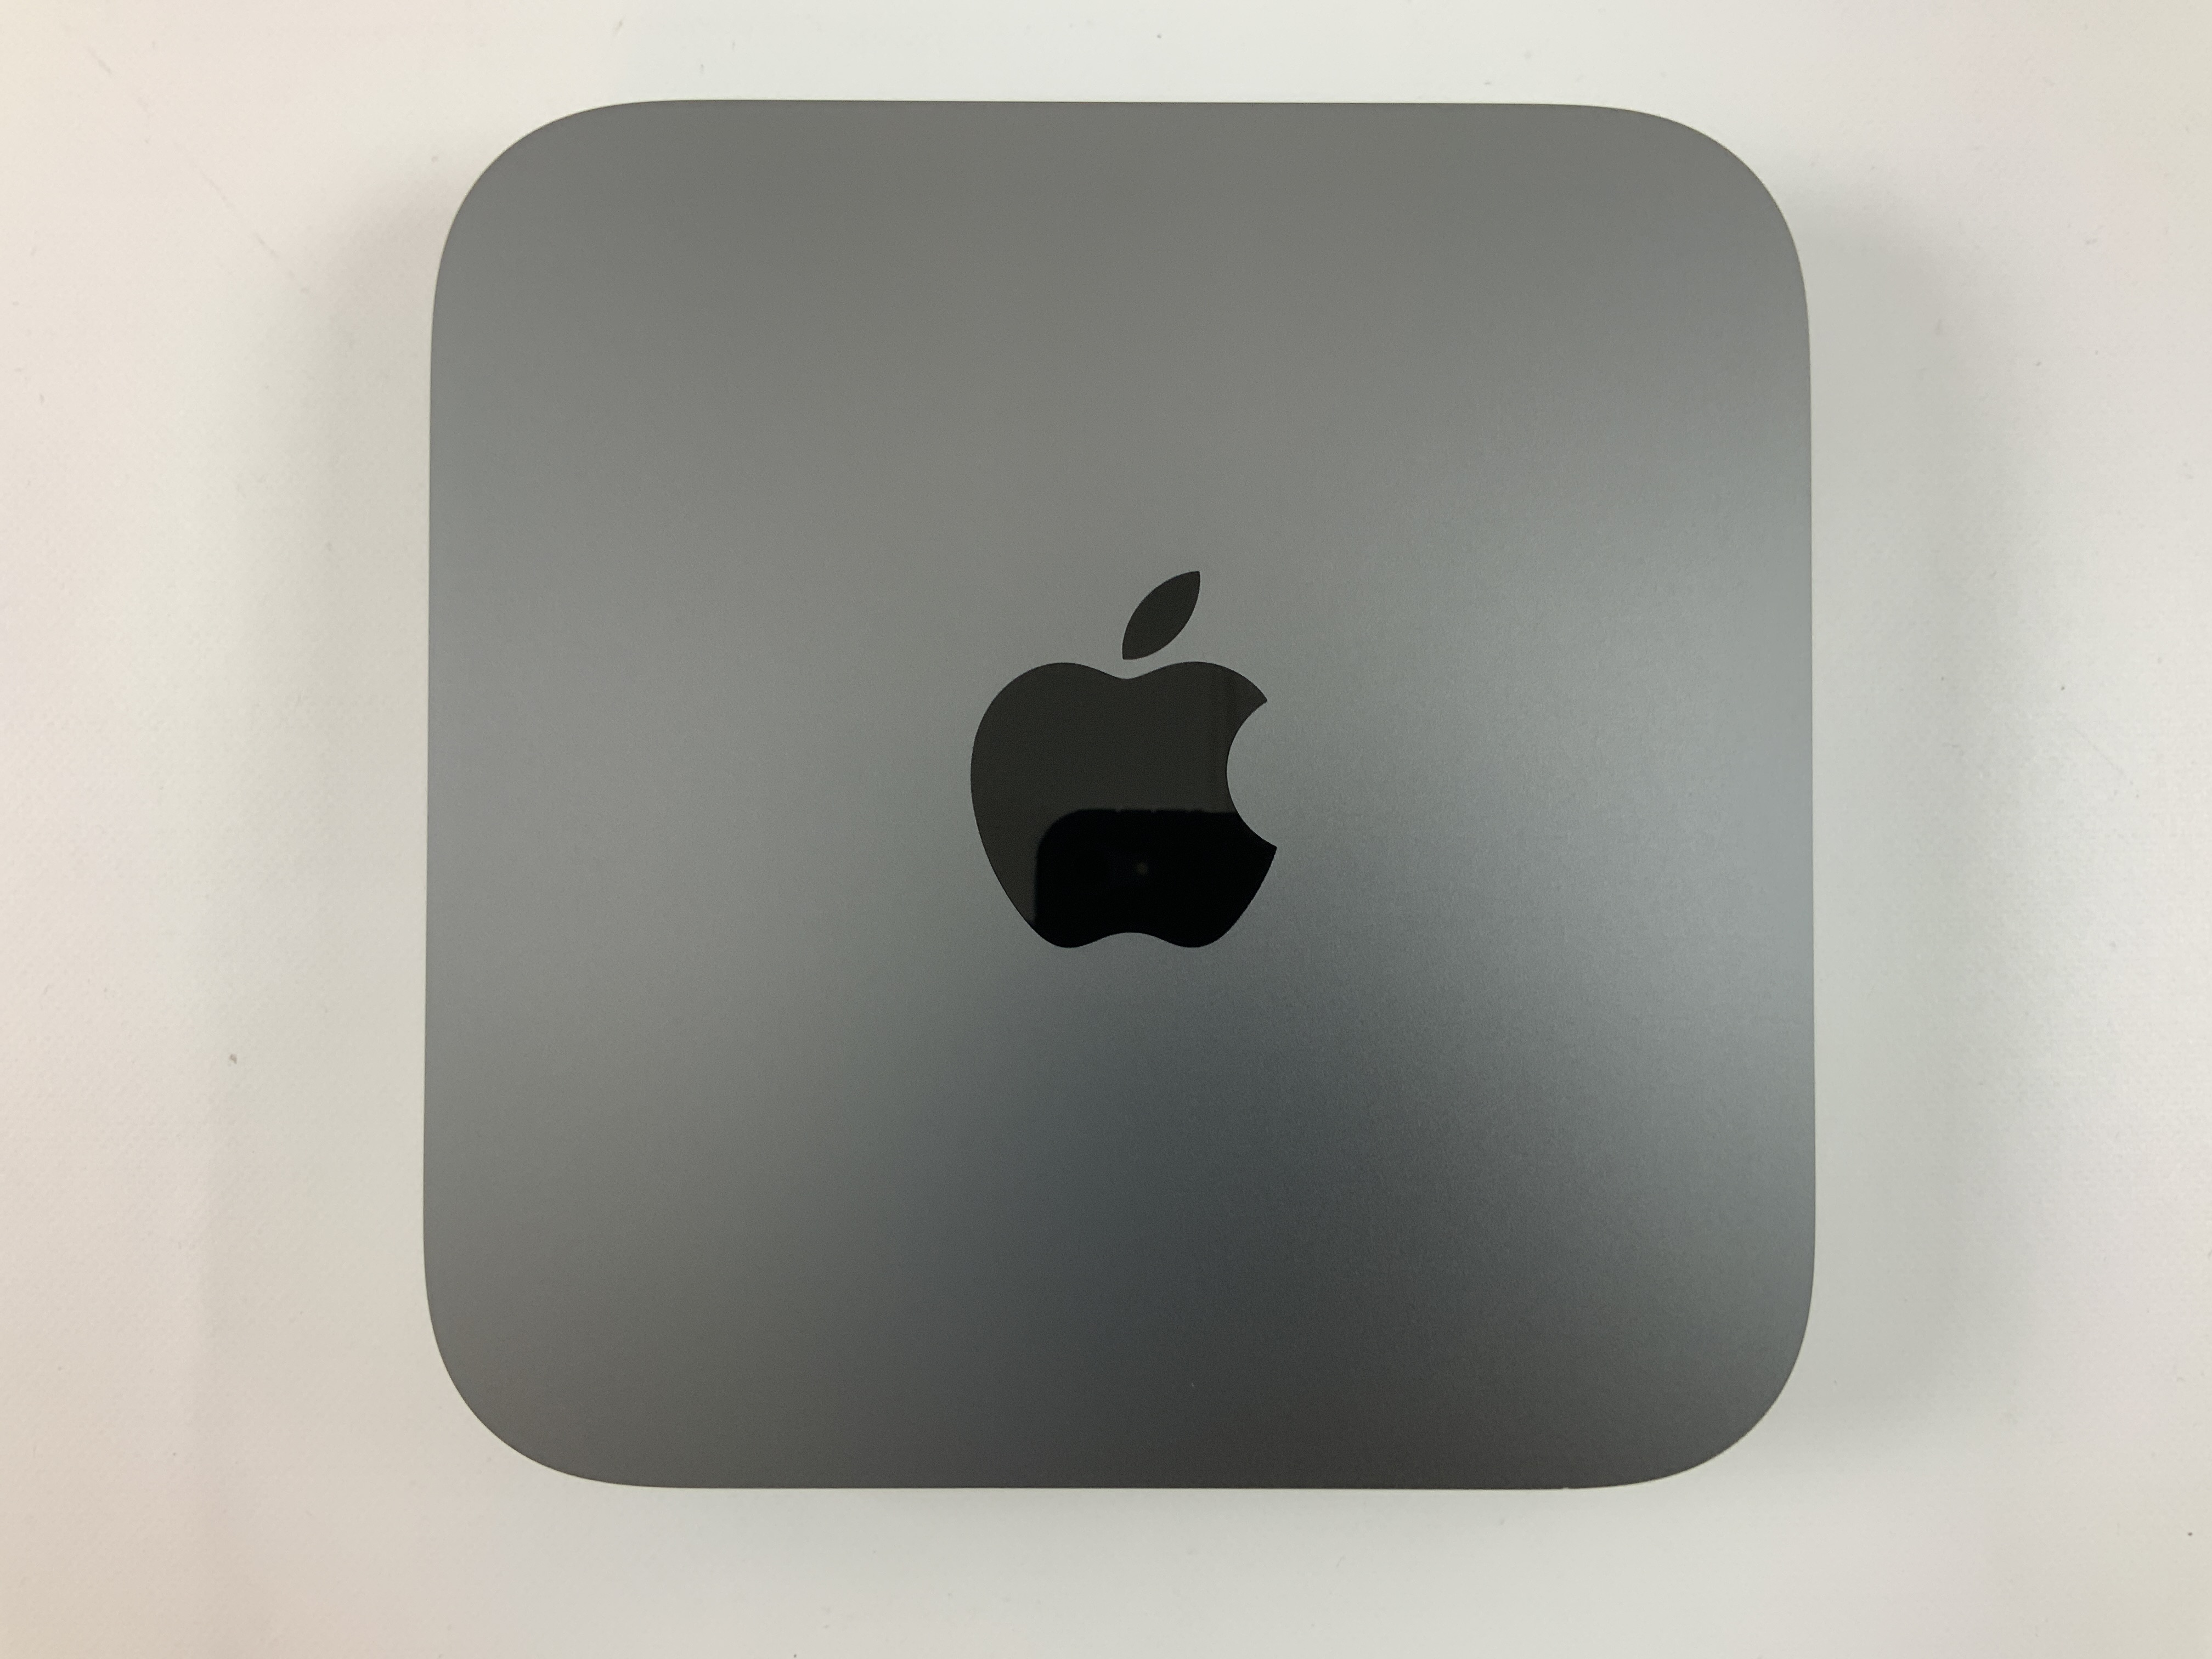 Mac Mini Late 2018 (Intel Quad-Core i3 3.6 GHz 32 GB RAM 128 GB SSD), Intel Quad-Core i3 3.6 GHz, 32 GB RAM, 128 GB SSD, bild 1